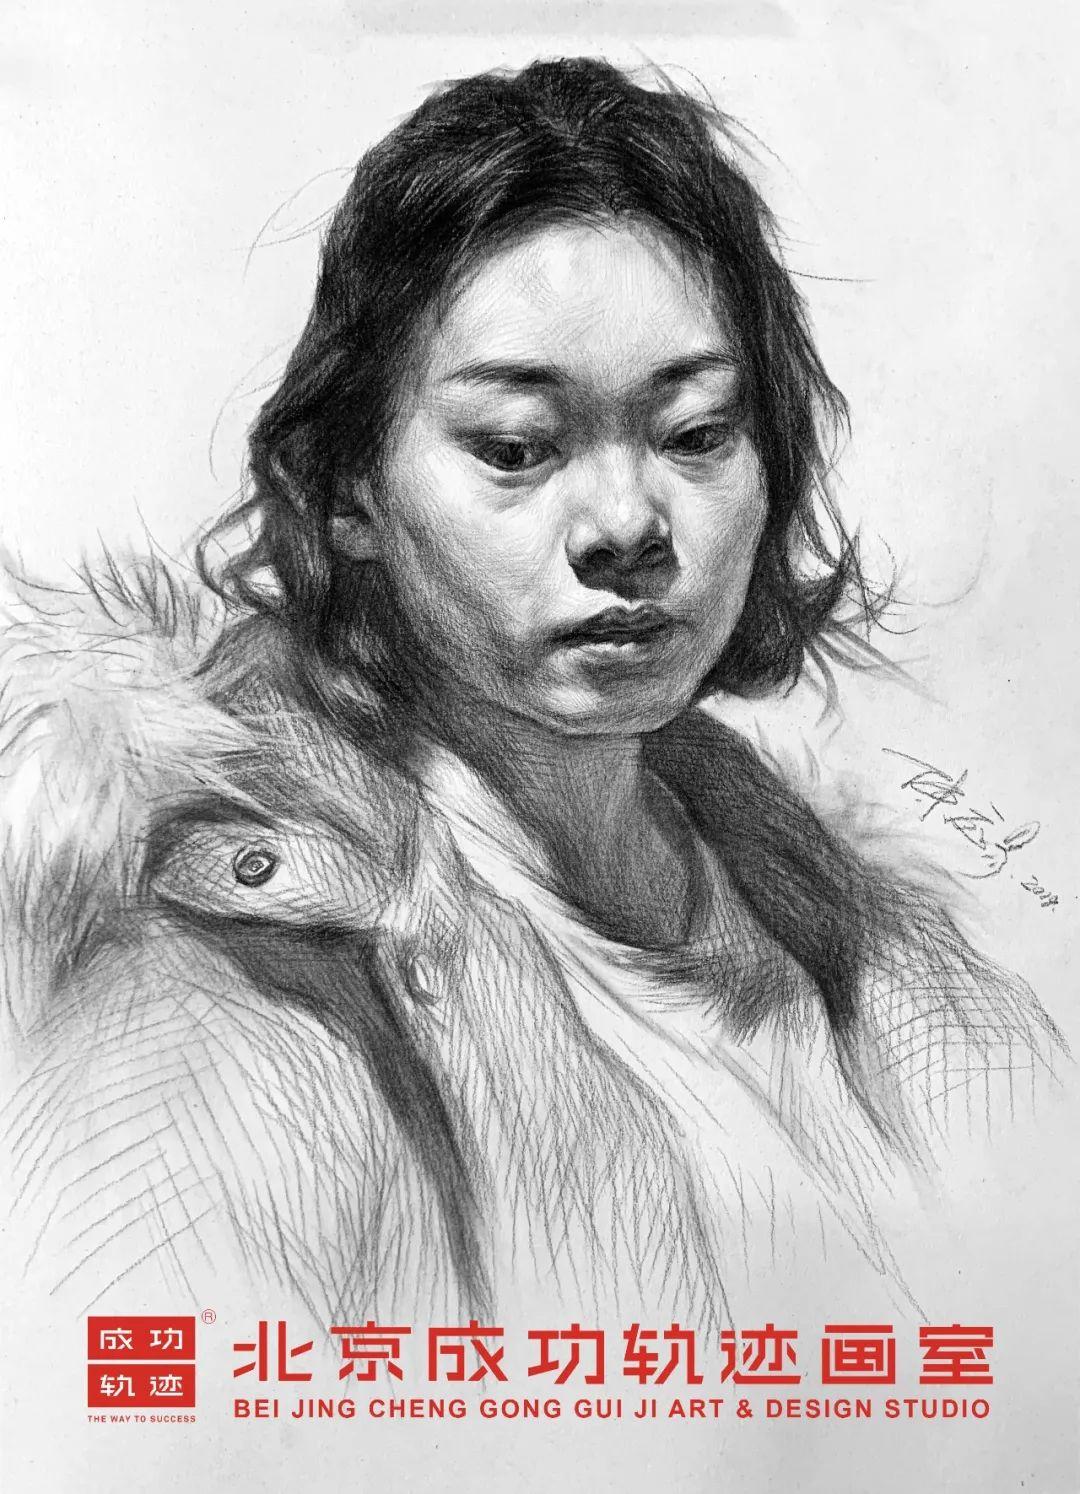 【成功轨迹直播课堂】带你解密联考素描头像,北京画室,北京美术培训    09